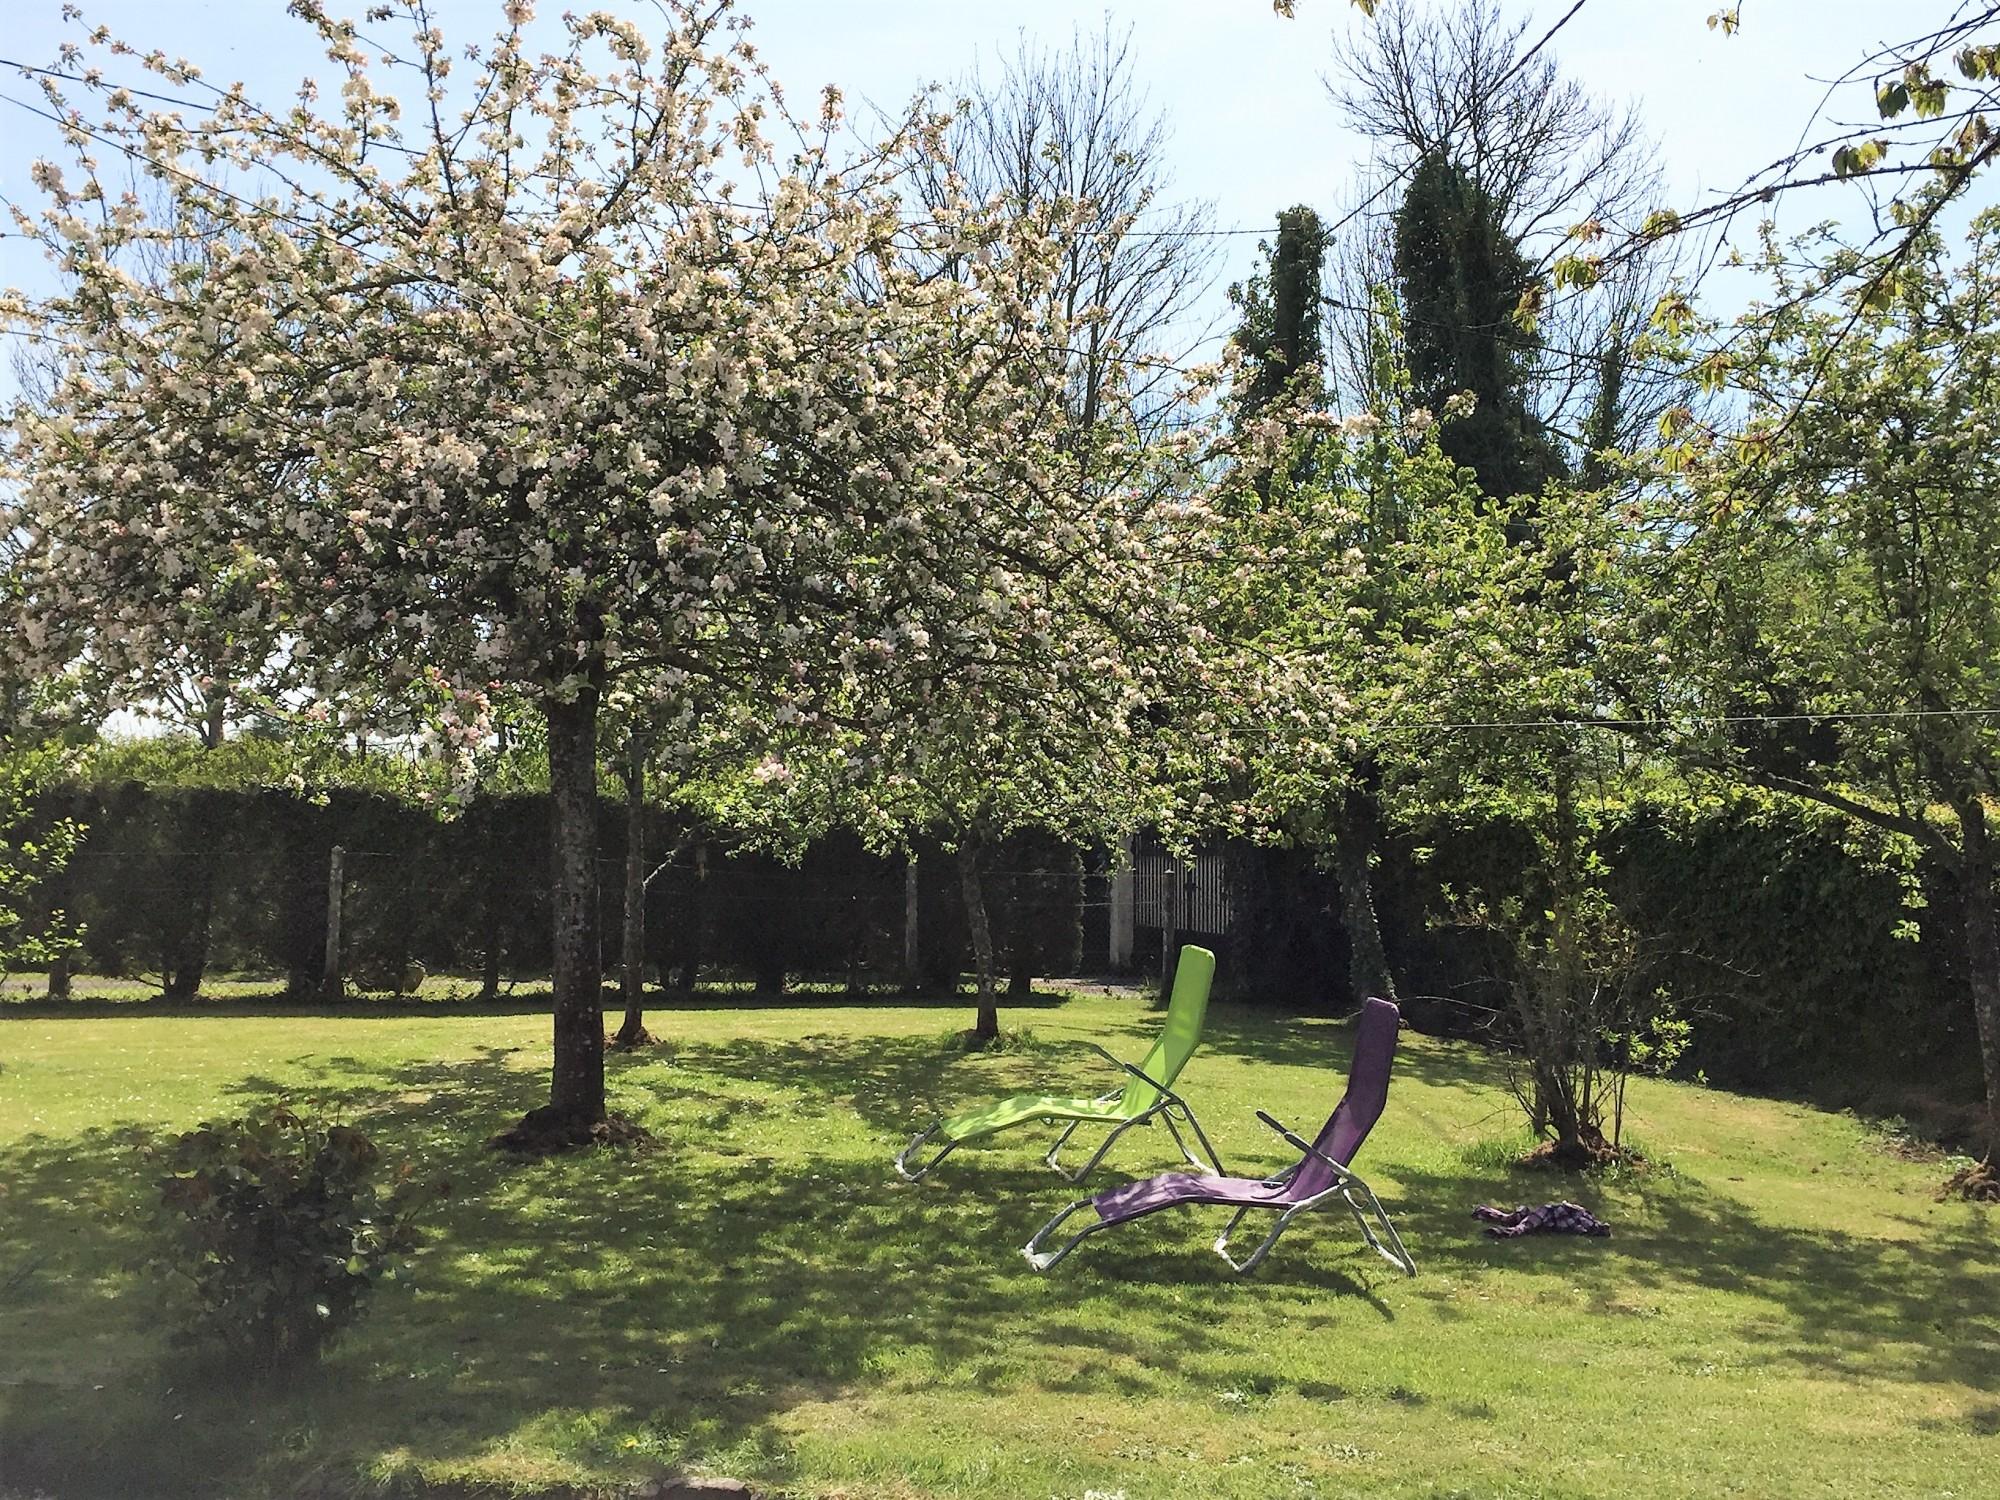 Vente MAISON NORMANDE Entre Livarot et Orbec, Pays d'Auge, Calvados 14